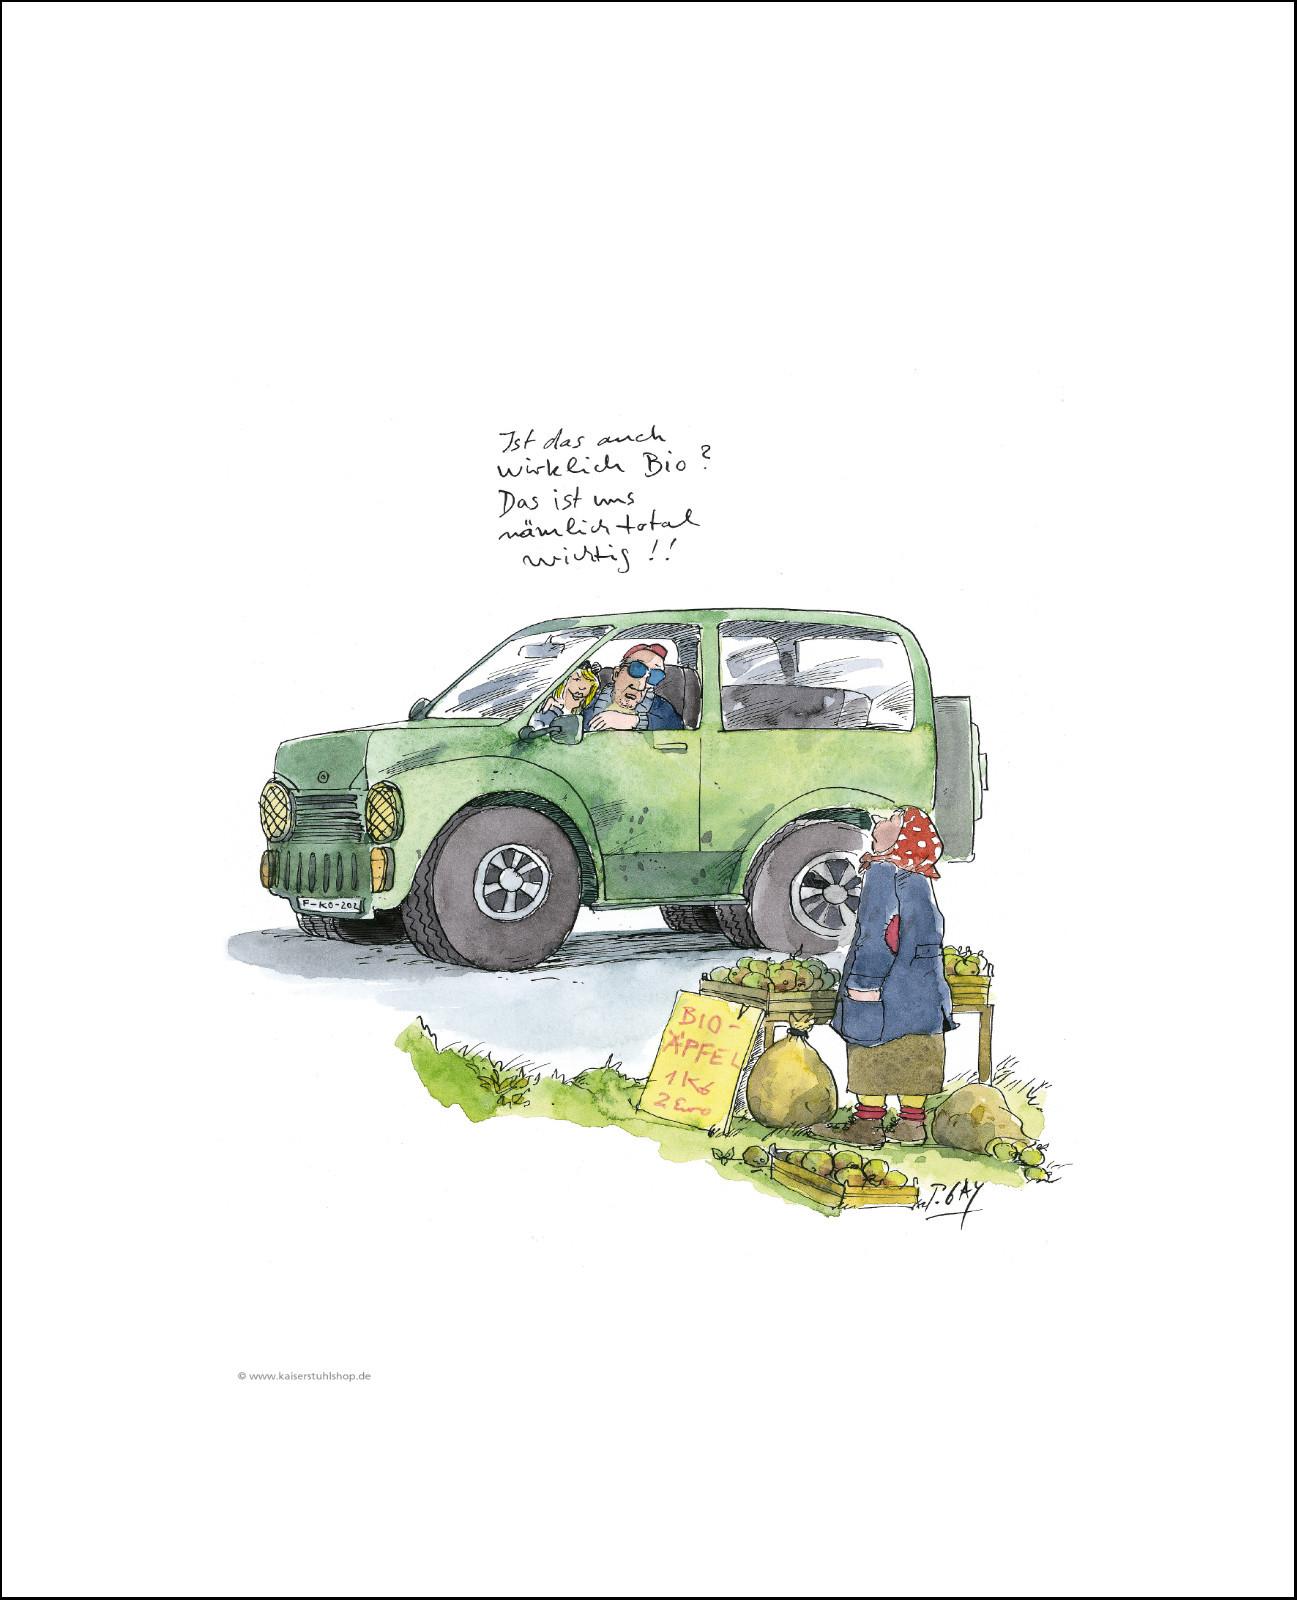 """Gaymann Kollektion Poster """"wirklich Bio?"""", 40x50cm"""